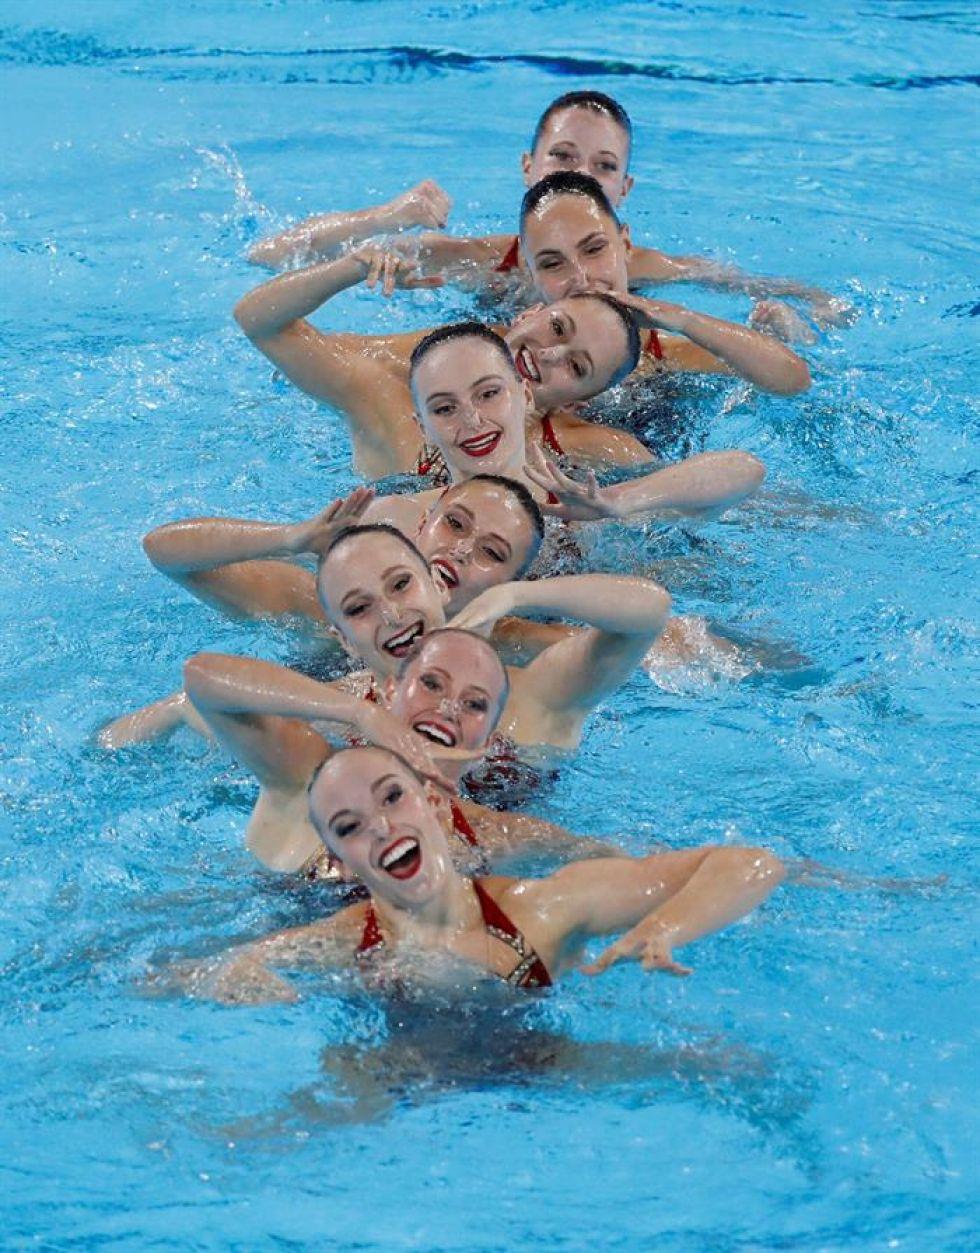 Nadadoras de Canadá compiten en nado sincronizado en los Juegos Panamericanos 2019.